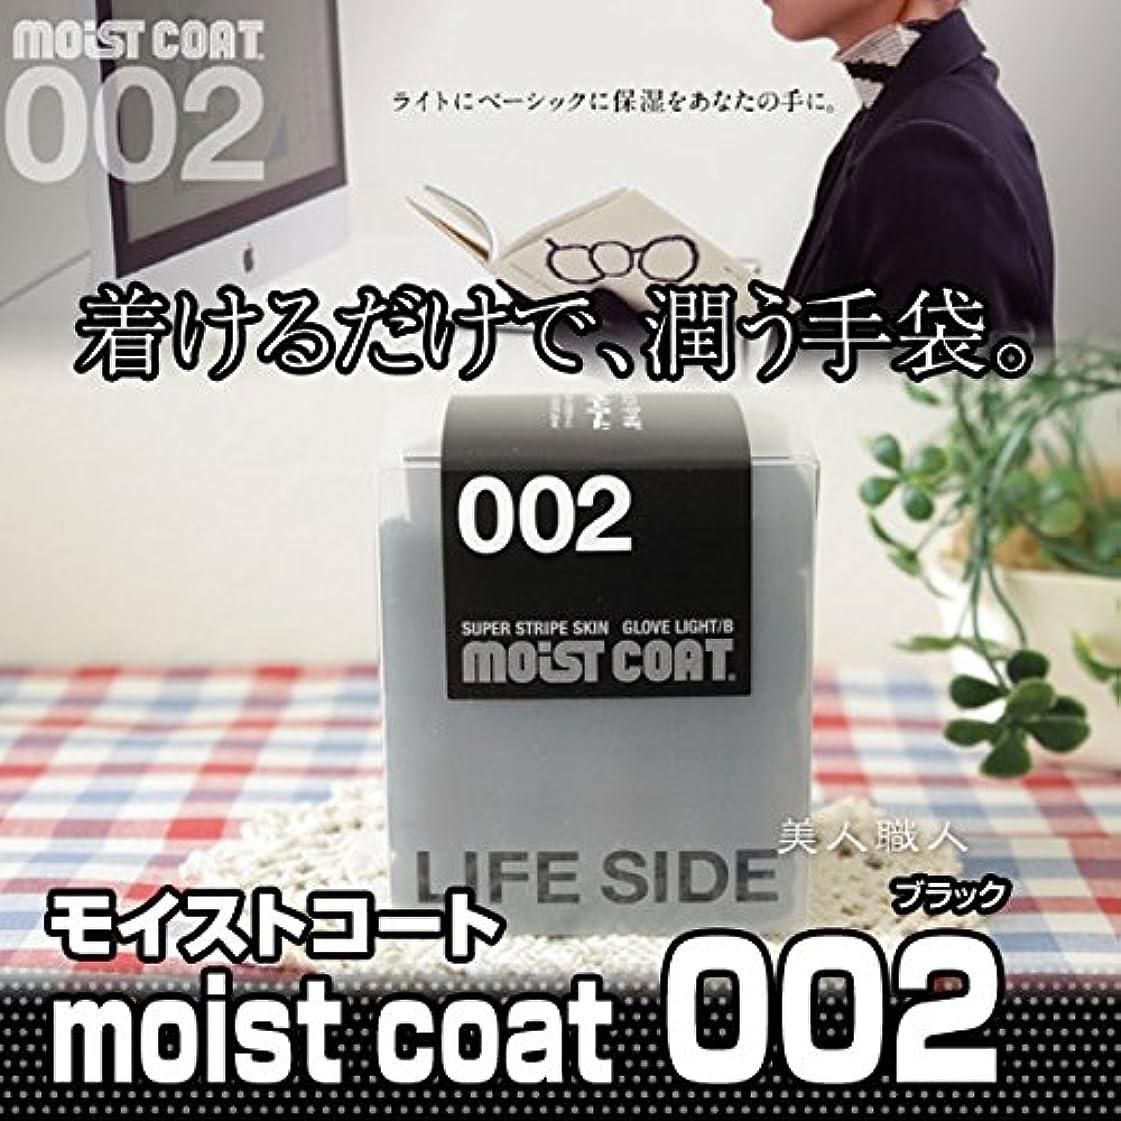 ソブリケット約束するアライメントコラーゲン手袋 モイストコート002 ブラック